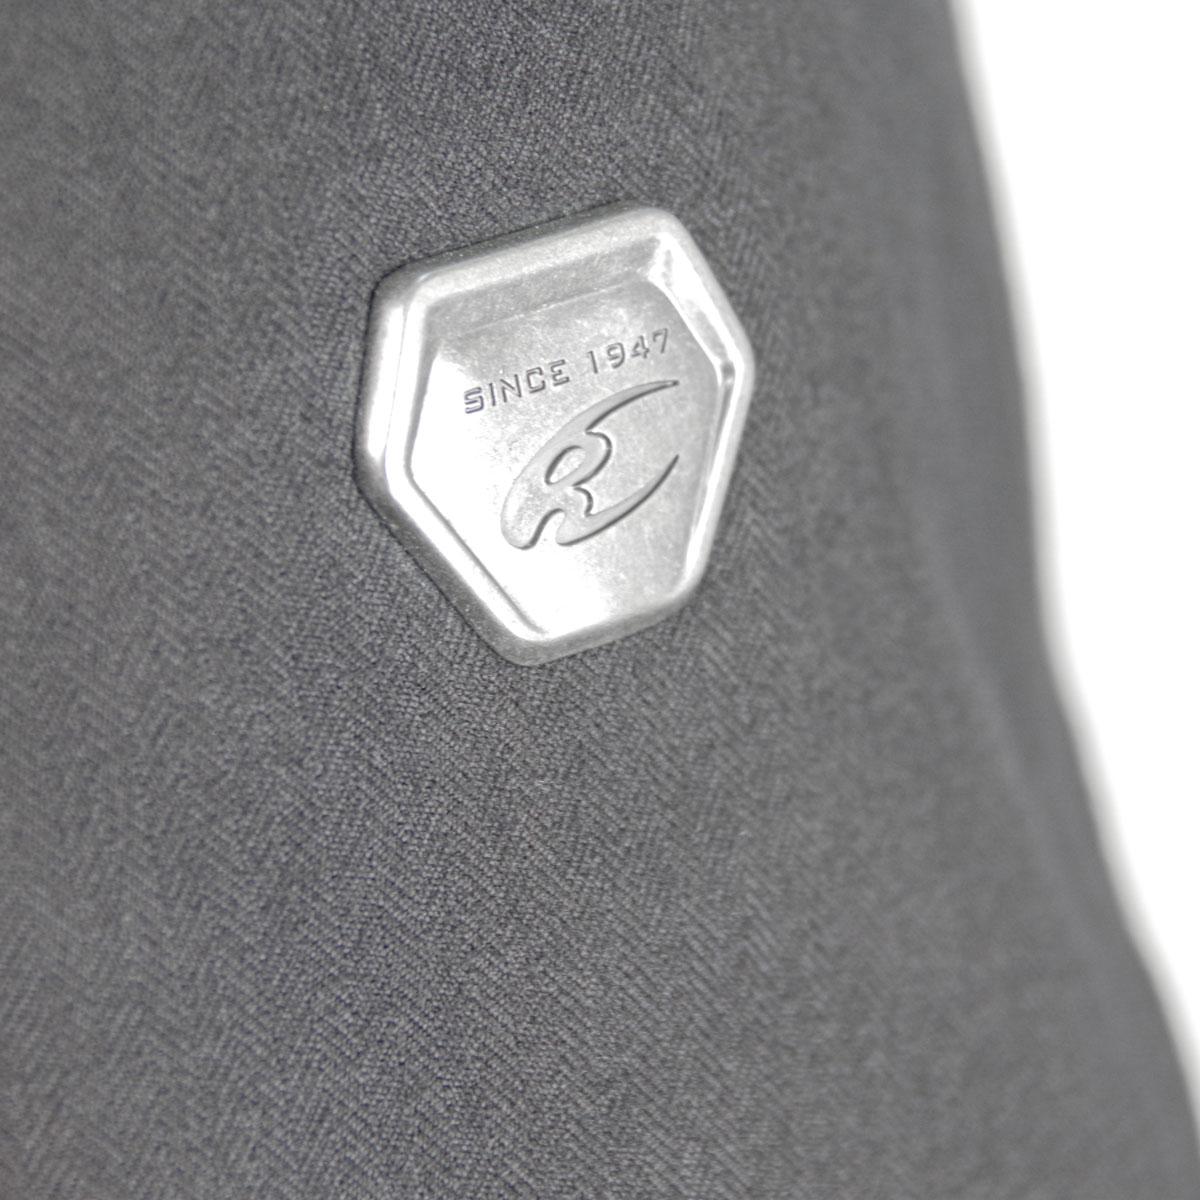 JK-611 ウォータープルーフプロテクトロングウインターコート